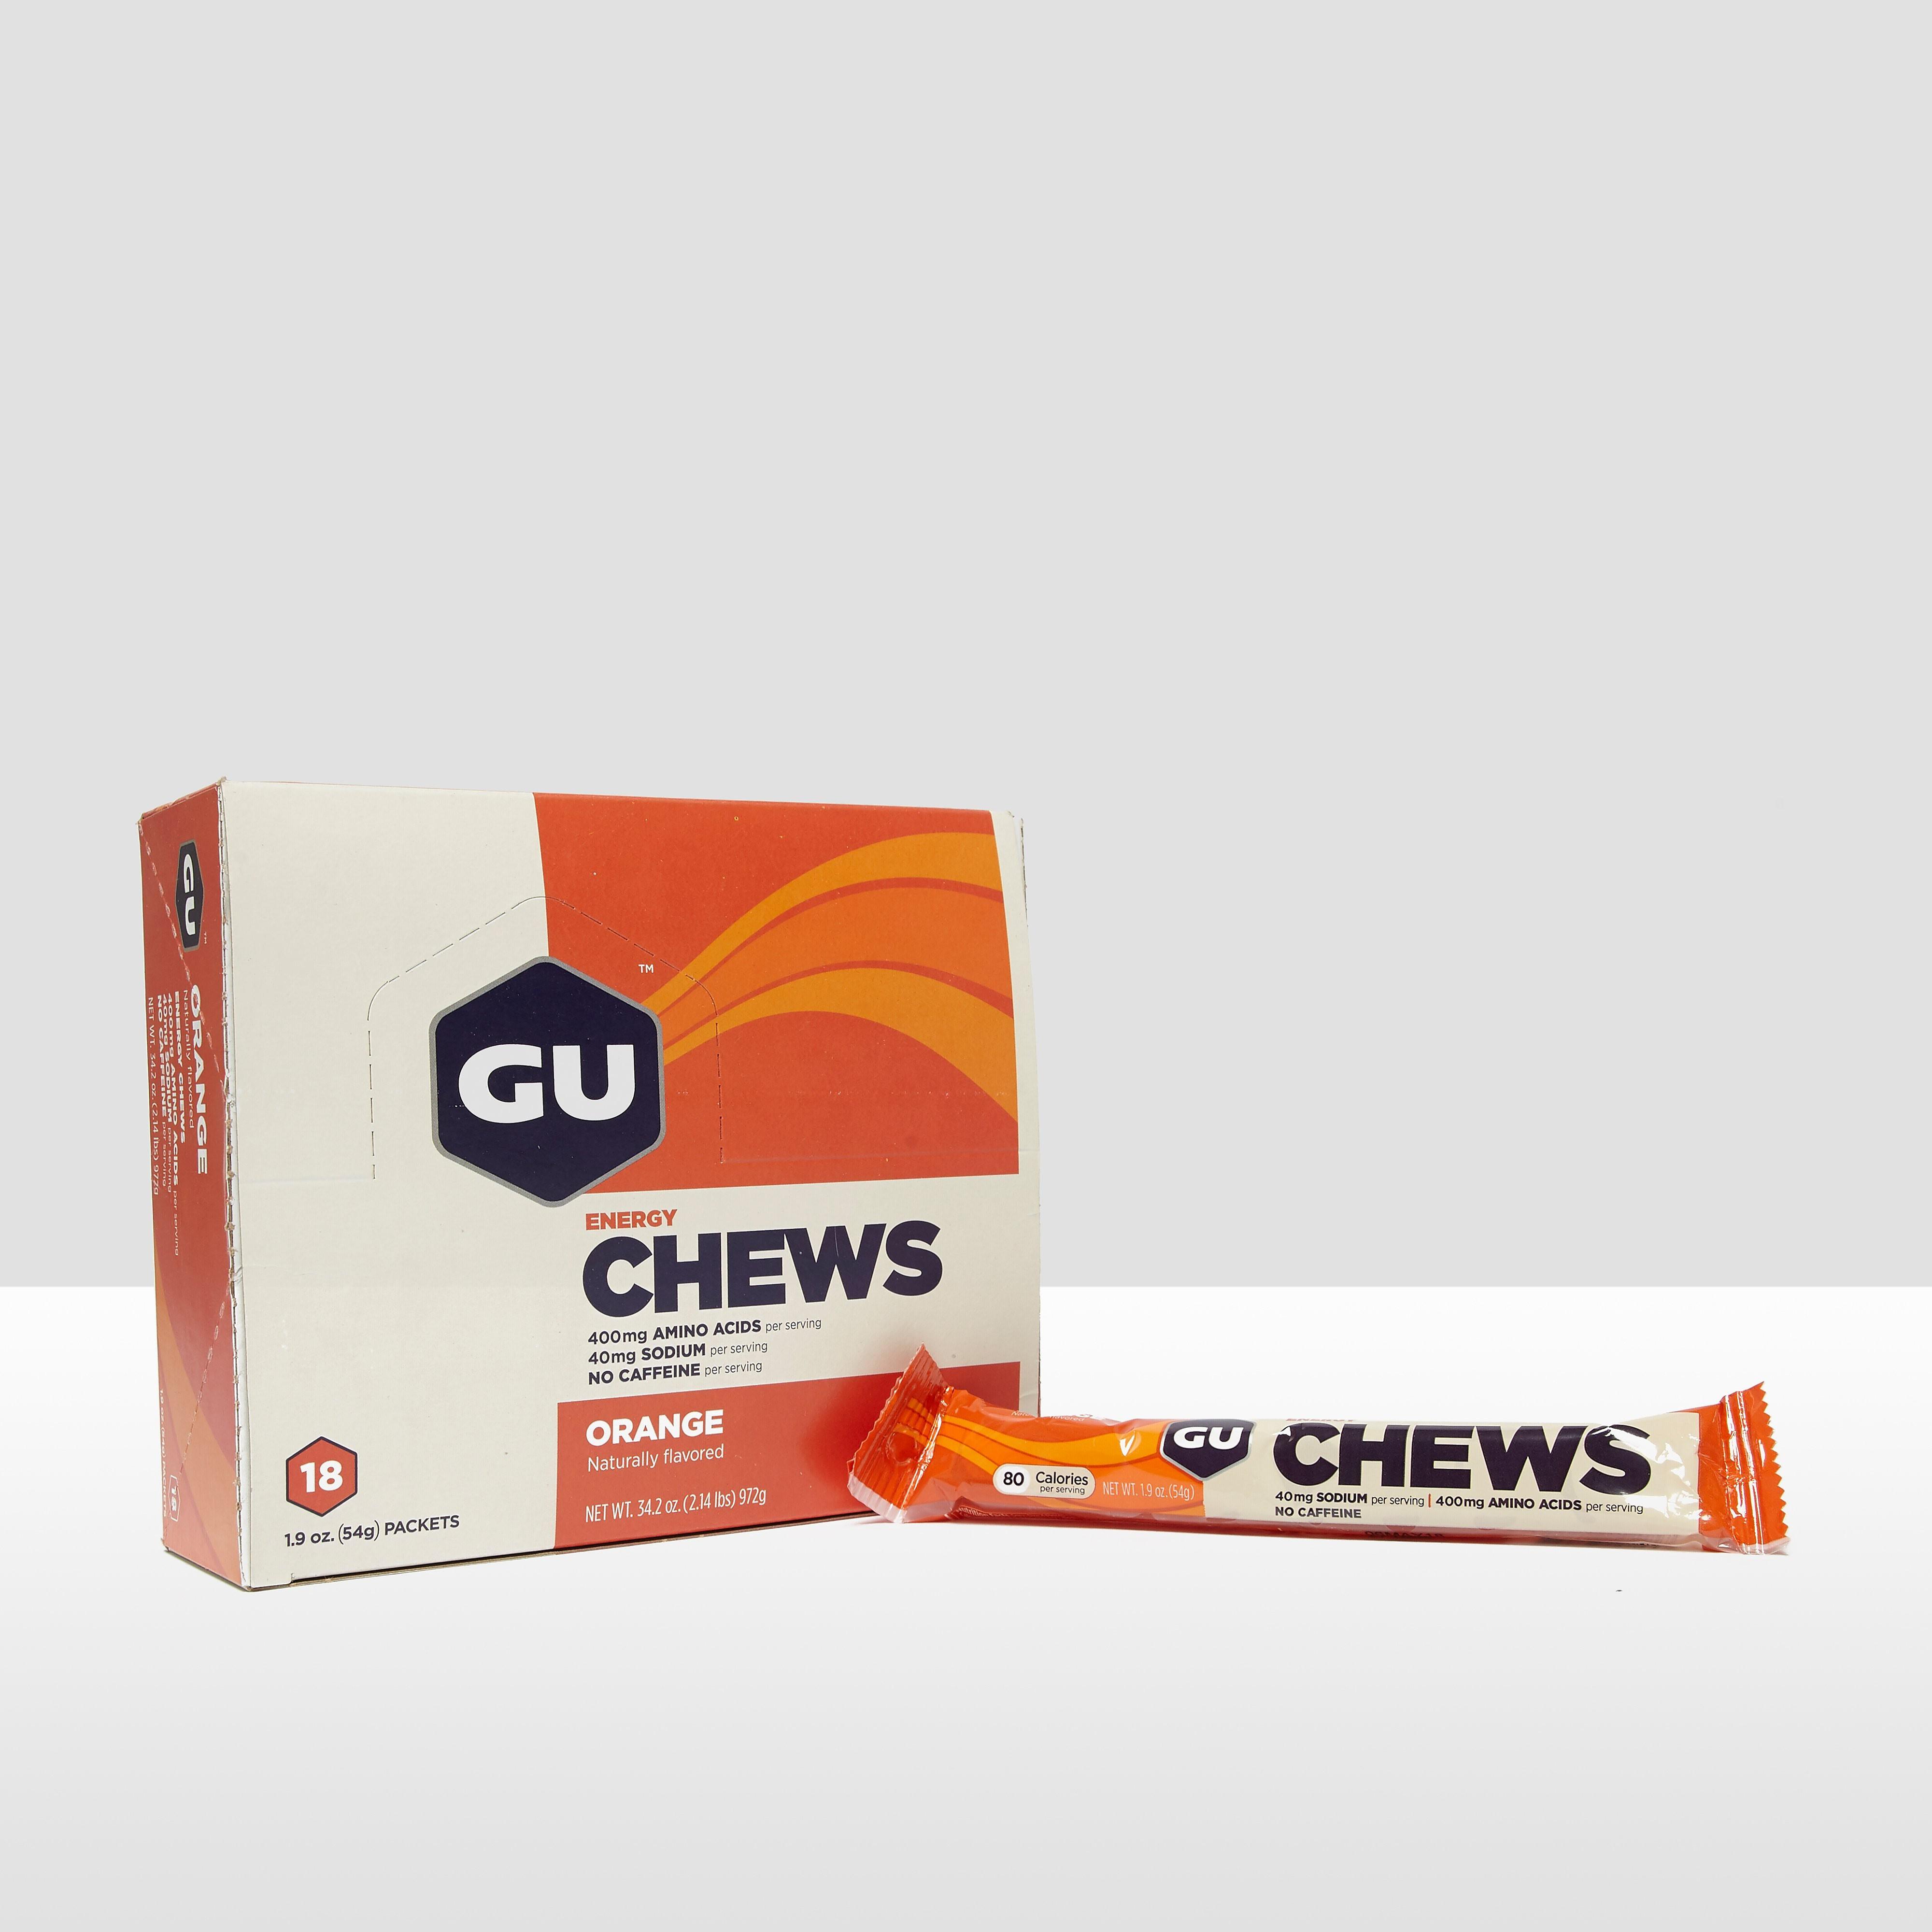 GU Energy Chews (18 Pack) - Orange